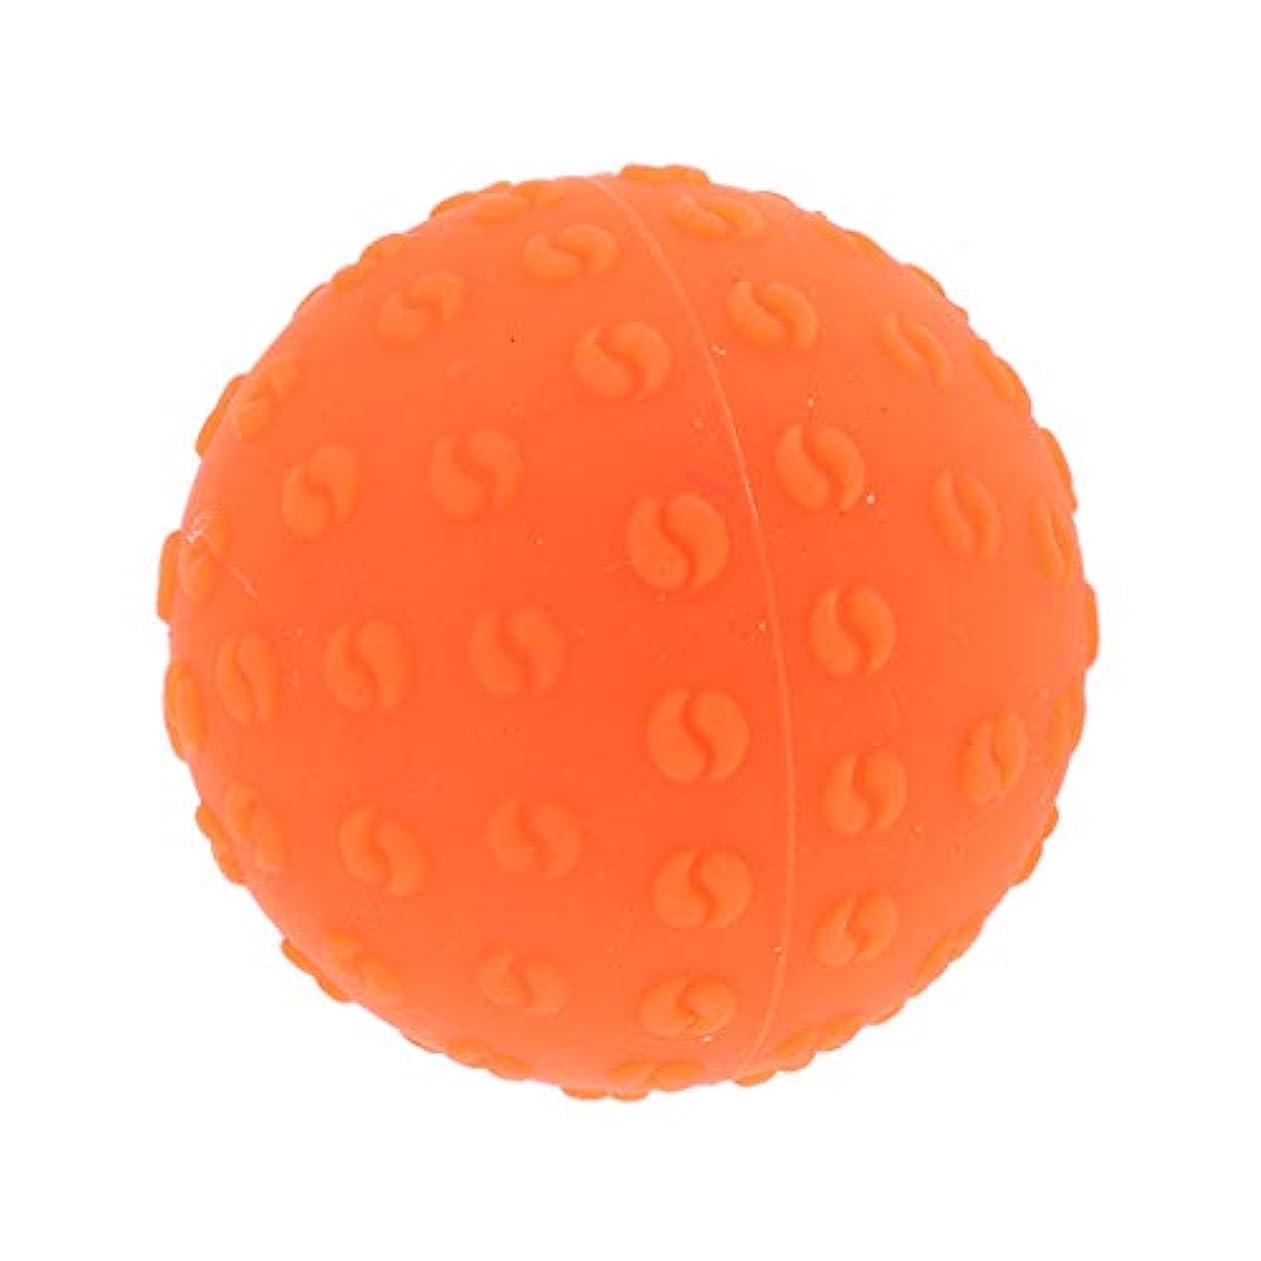 憂鬱アドバンテージライバルマッサージボール 指圧ボール シリコーン トリガーポイント 足底筋膜炎 ヨガ ツボ押しグッズ 全6色 - オレンジ, 説明のとおり